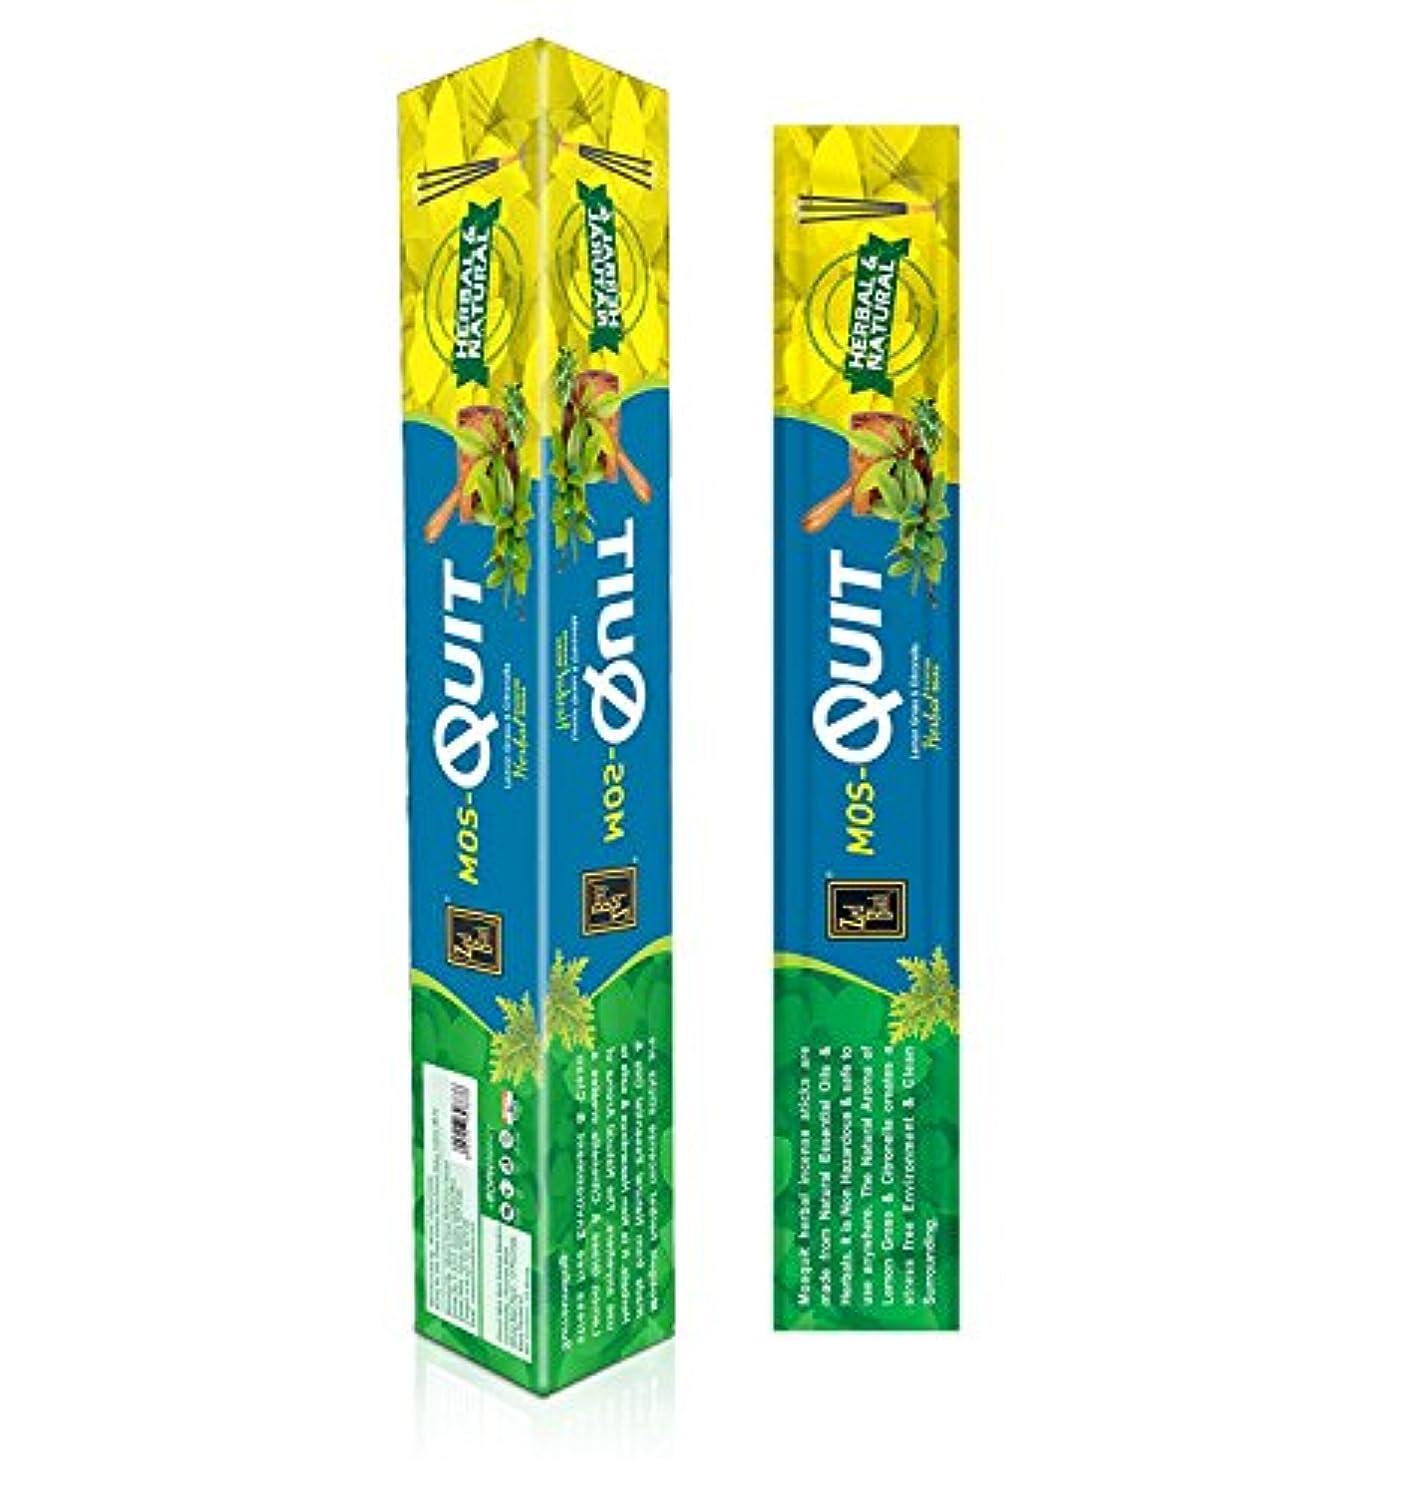 百科事典スローガンたとえMosquit Incense Sticks – 120ハーブスティック – Mosquito Repellent自然な香りSticks – 効果的な& worthy-madeから天然エッセンシャルオイル、ハーブ製品 –...